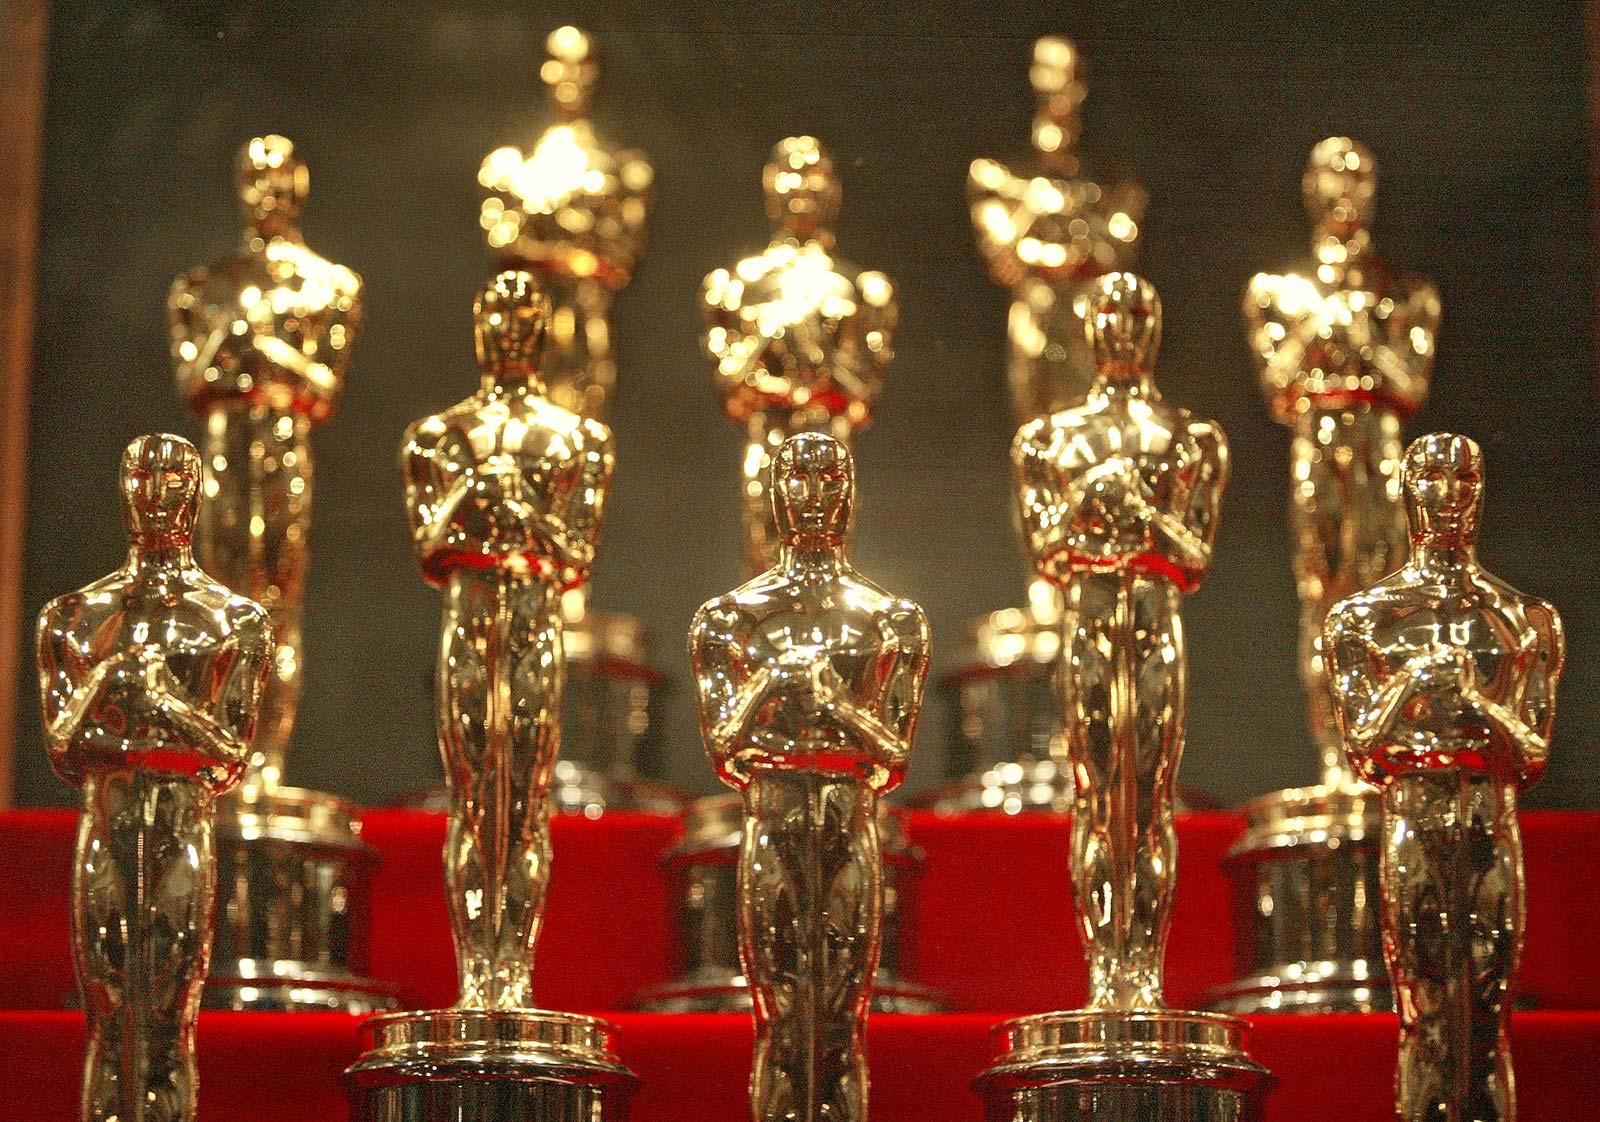 Американская киноакадемия ввела новые стандарты премии — они направлены нарепрезентацию